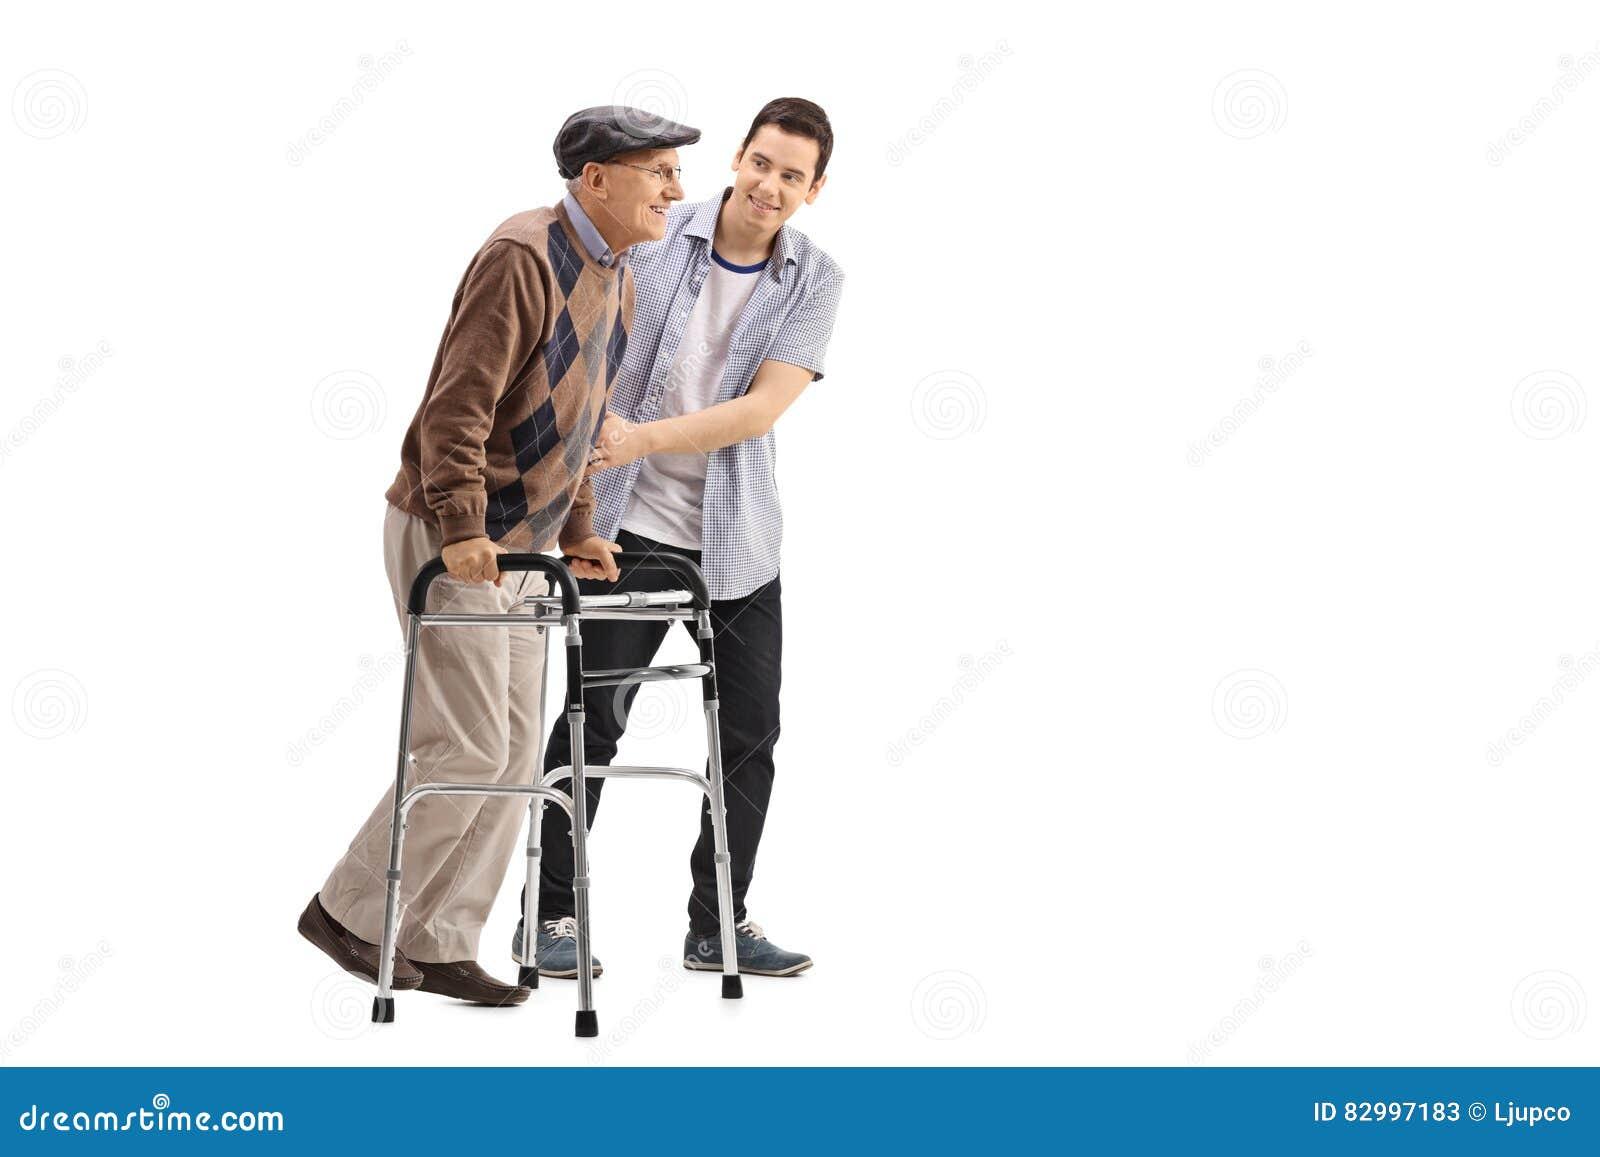 Jeune homme aidant un homme plus âgé avec un marcheur